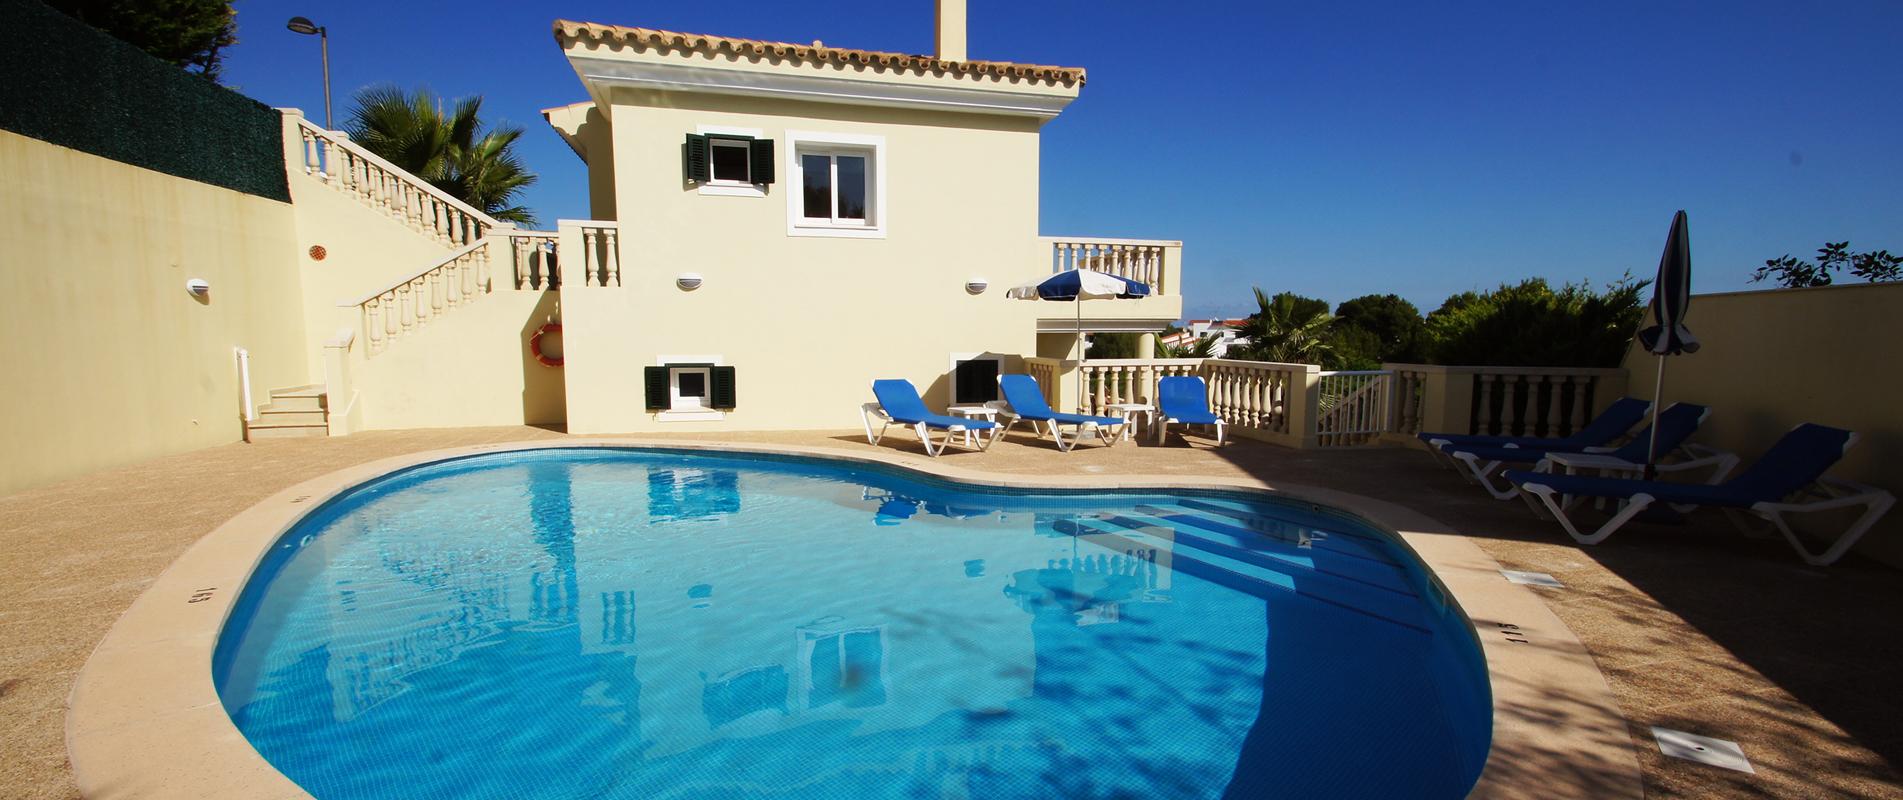 Alquiler de villas en Menorca